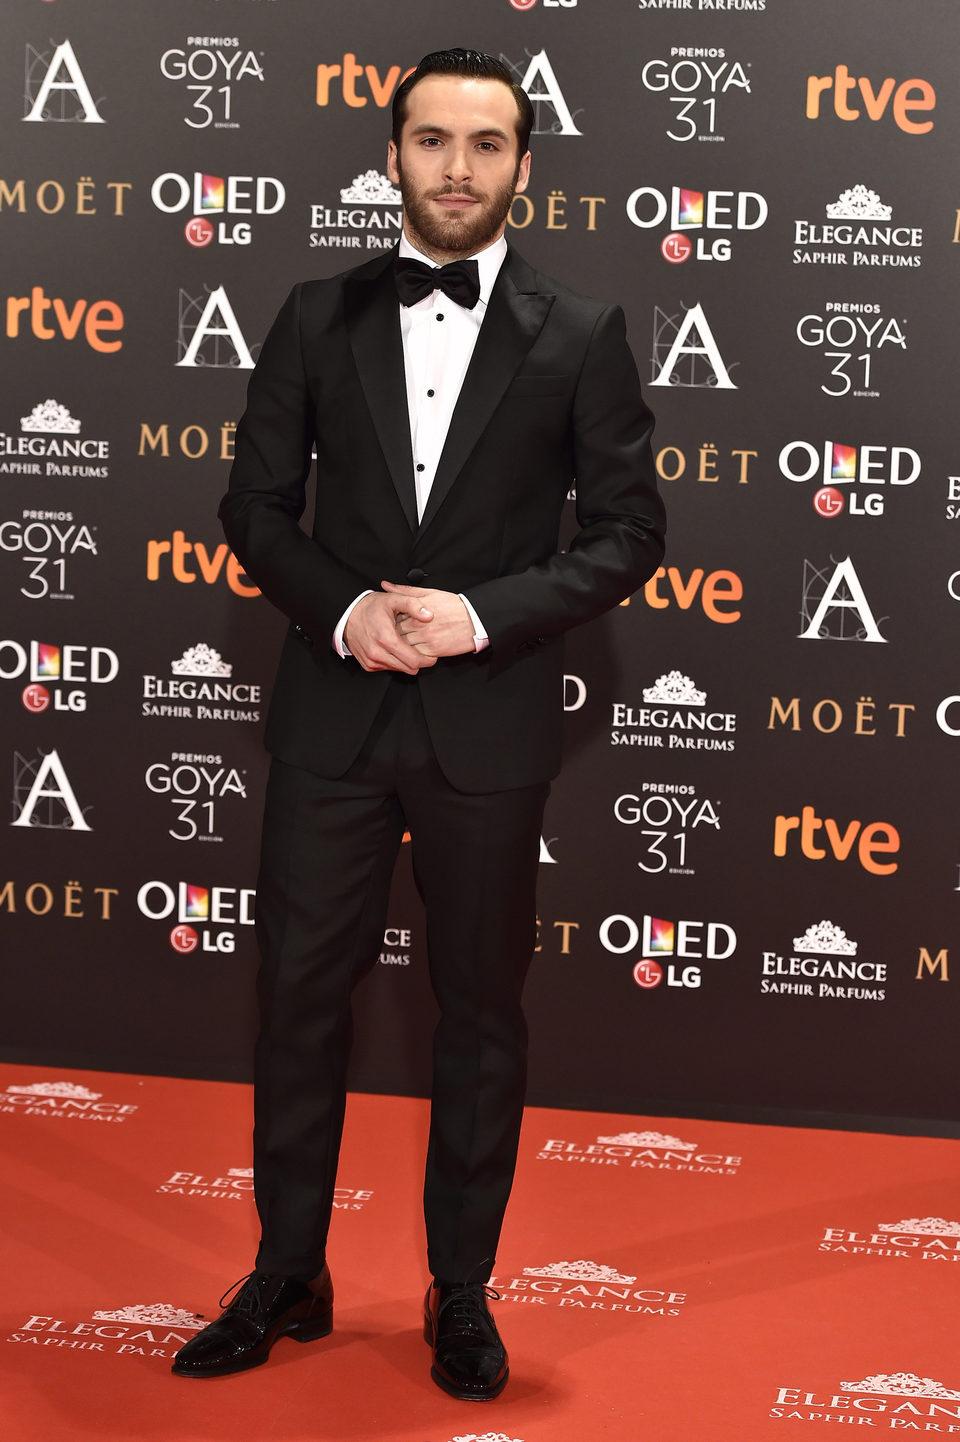 Ricardo Gómez, actor de la serie 'Cuéntame cómo pasó' en la alfombra roja de los premios Goya 2017